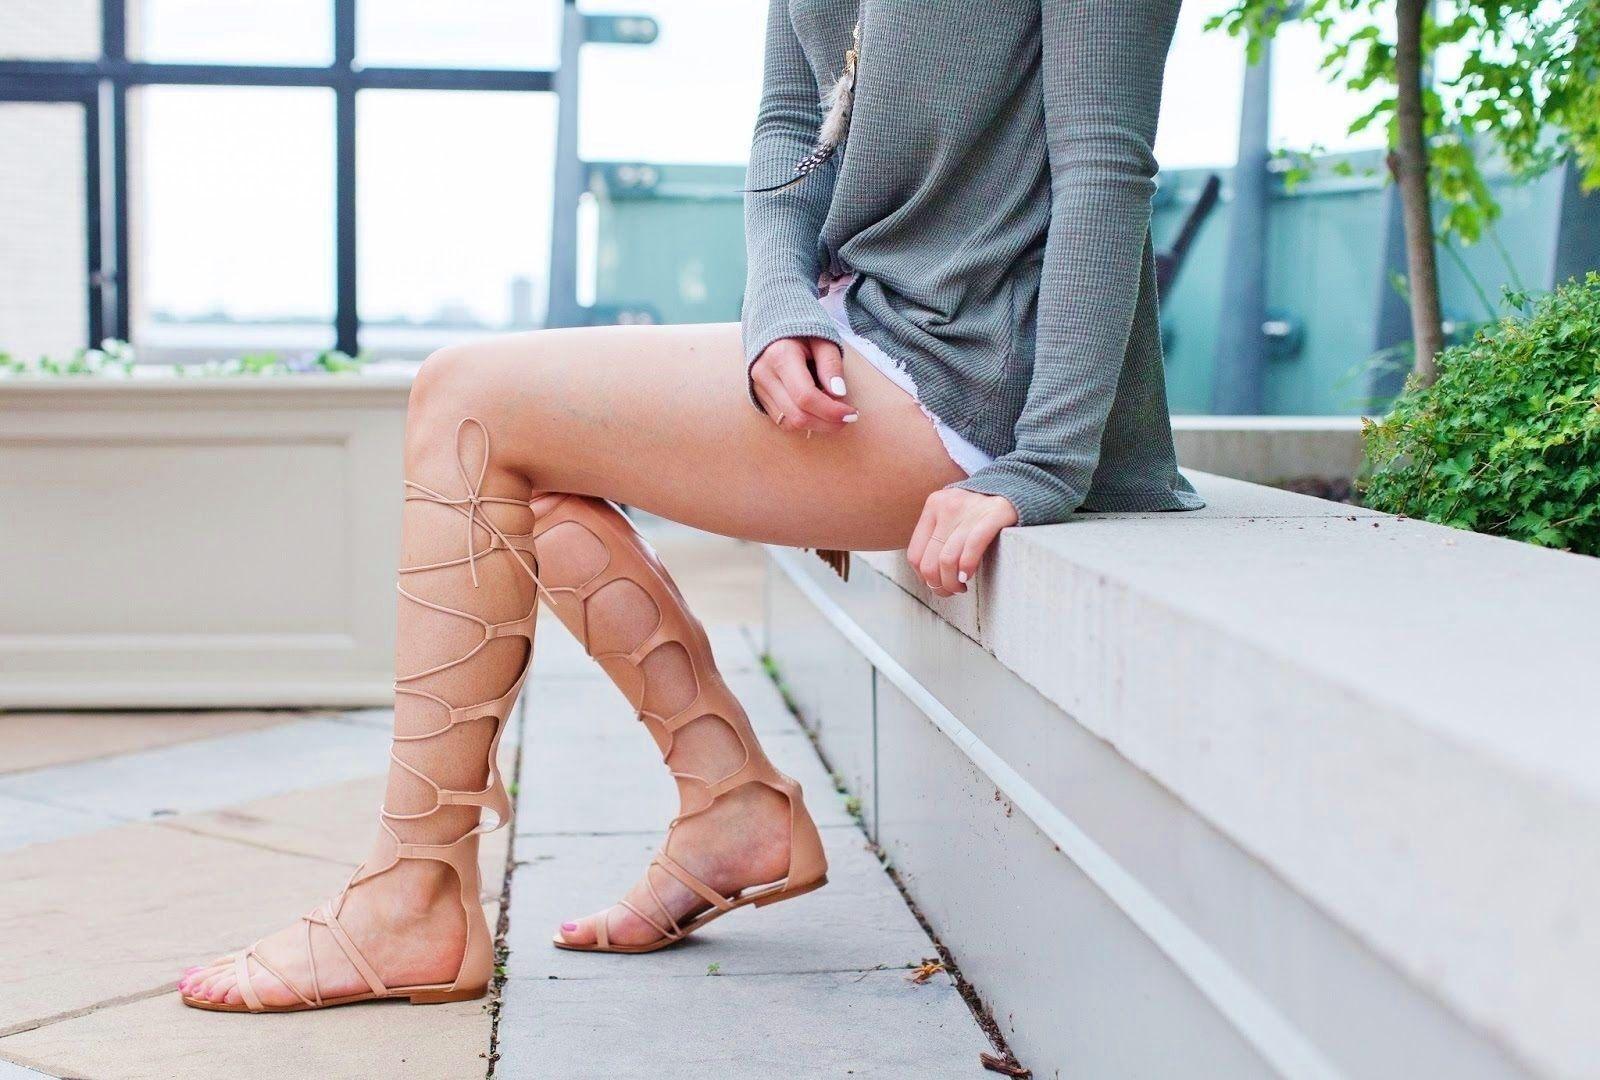 Los zapatos más populares para hombres y mujeres Descuento por tiempo limitado Zara Piel Carne Gladiador Romano Sandalias Números RU 3 4 5 7